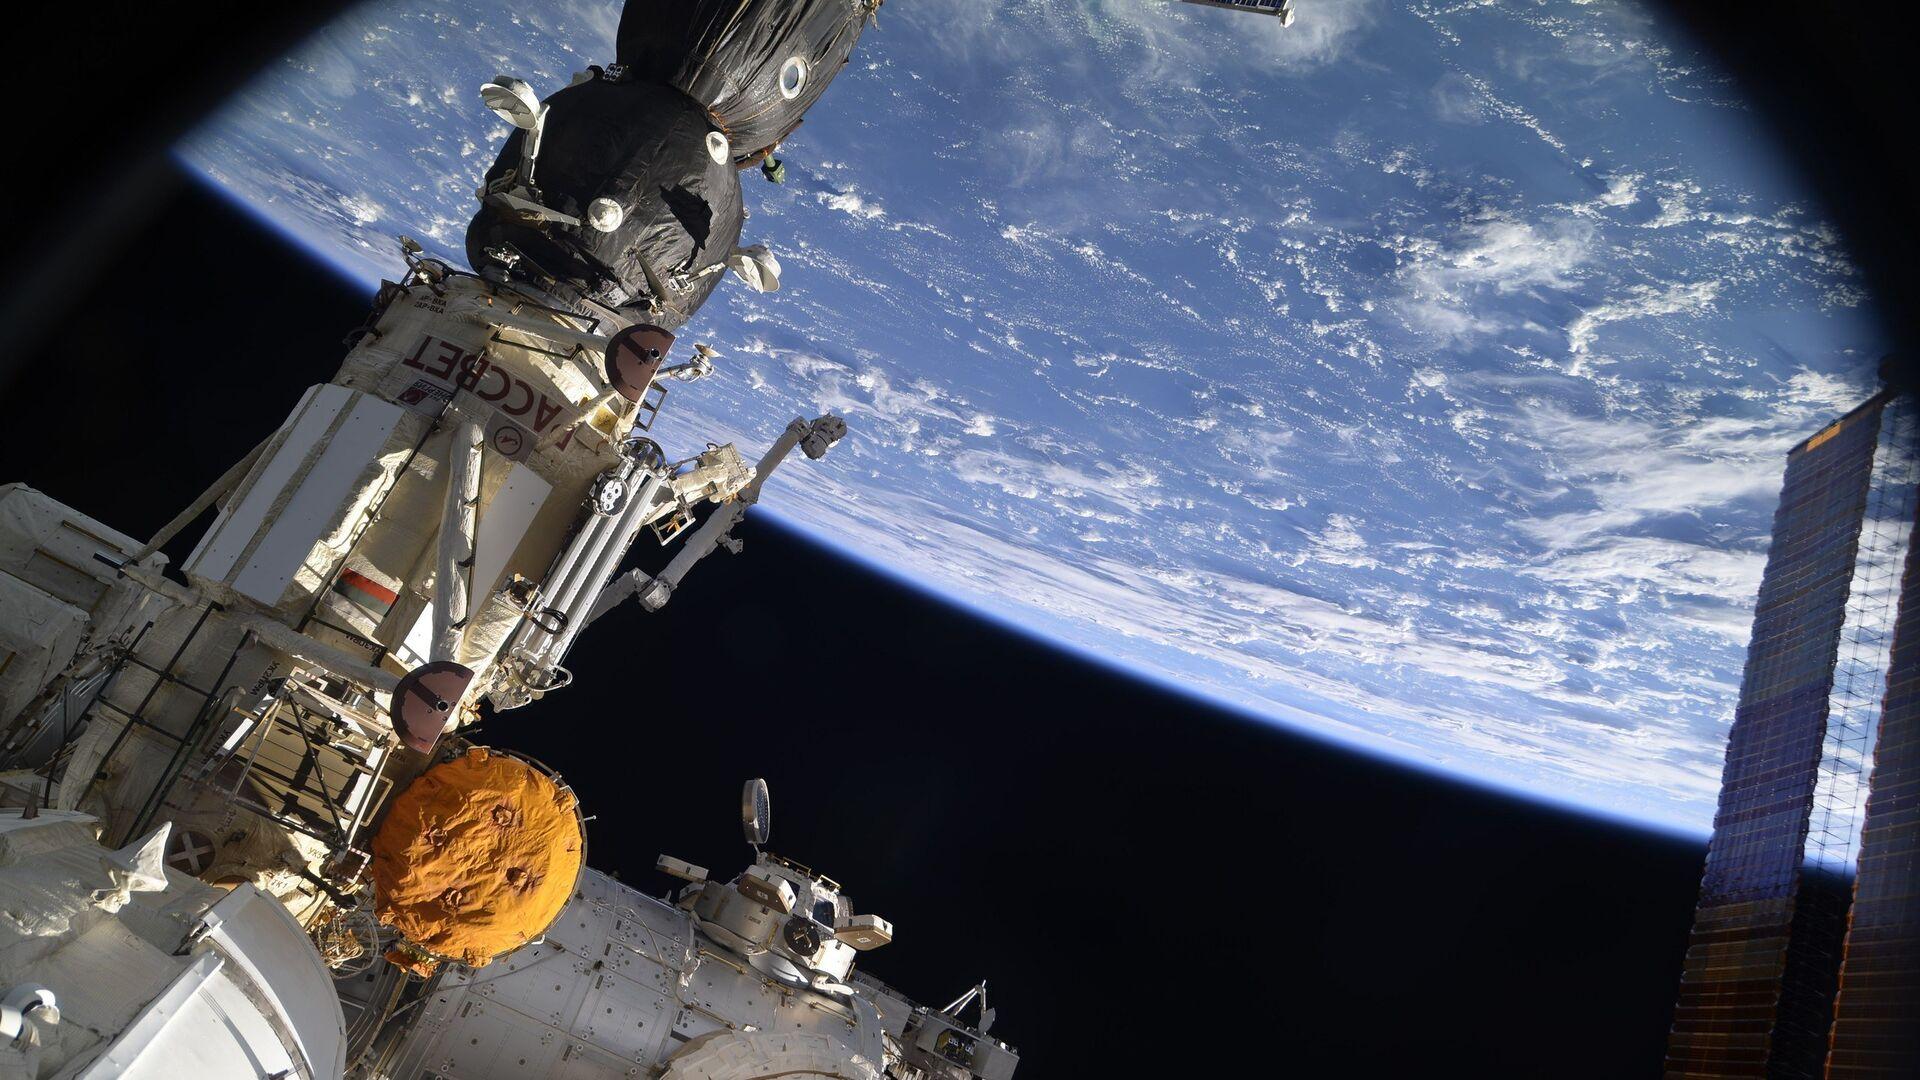 Вид на Землю с борта Международной космической станции - РИА Новости, 1920, 09.10.2021